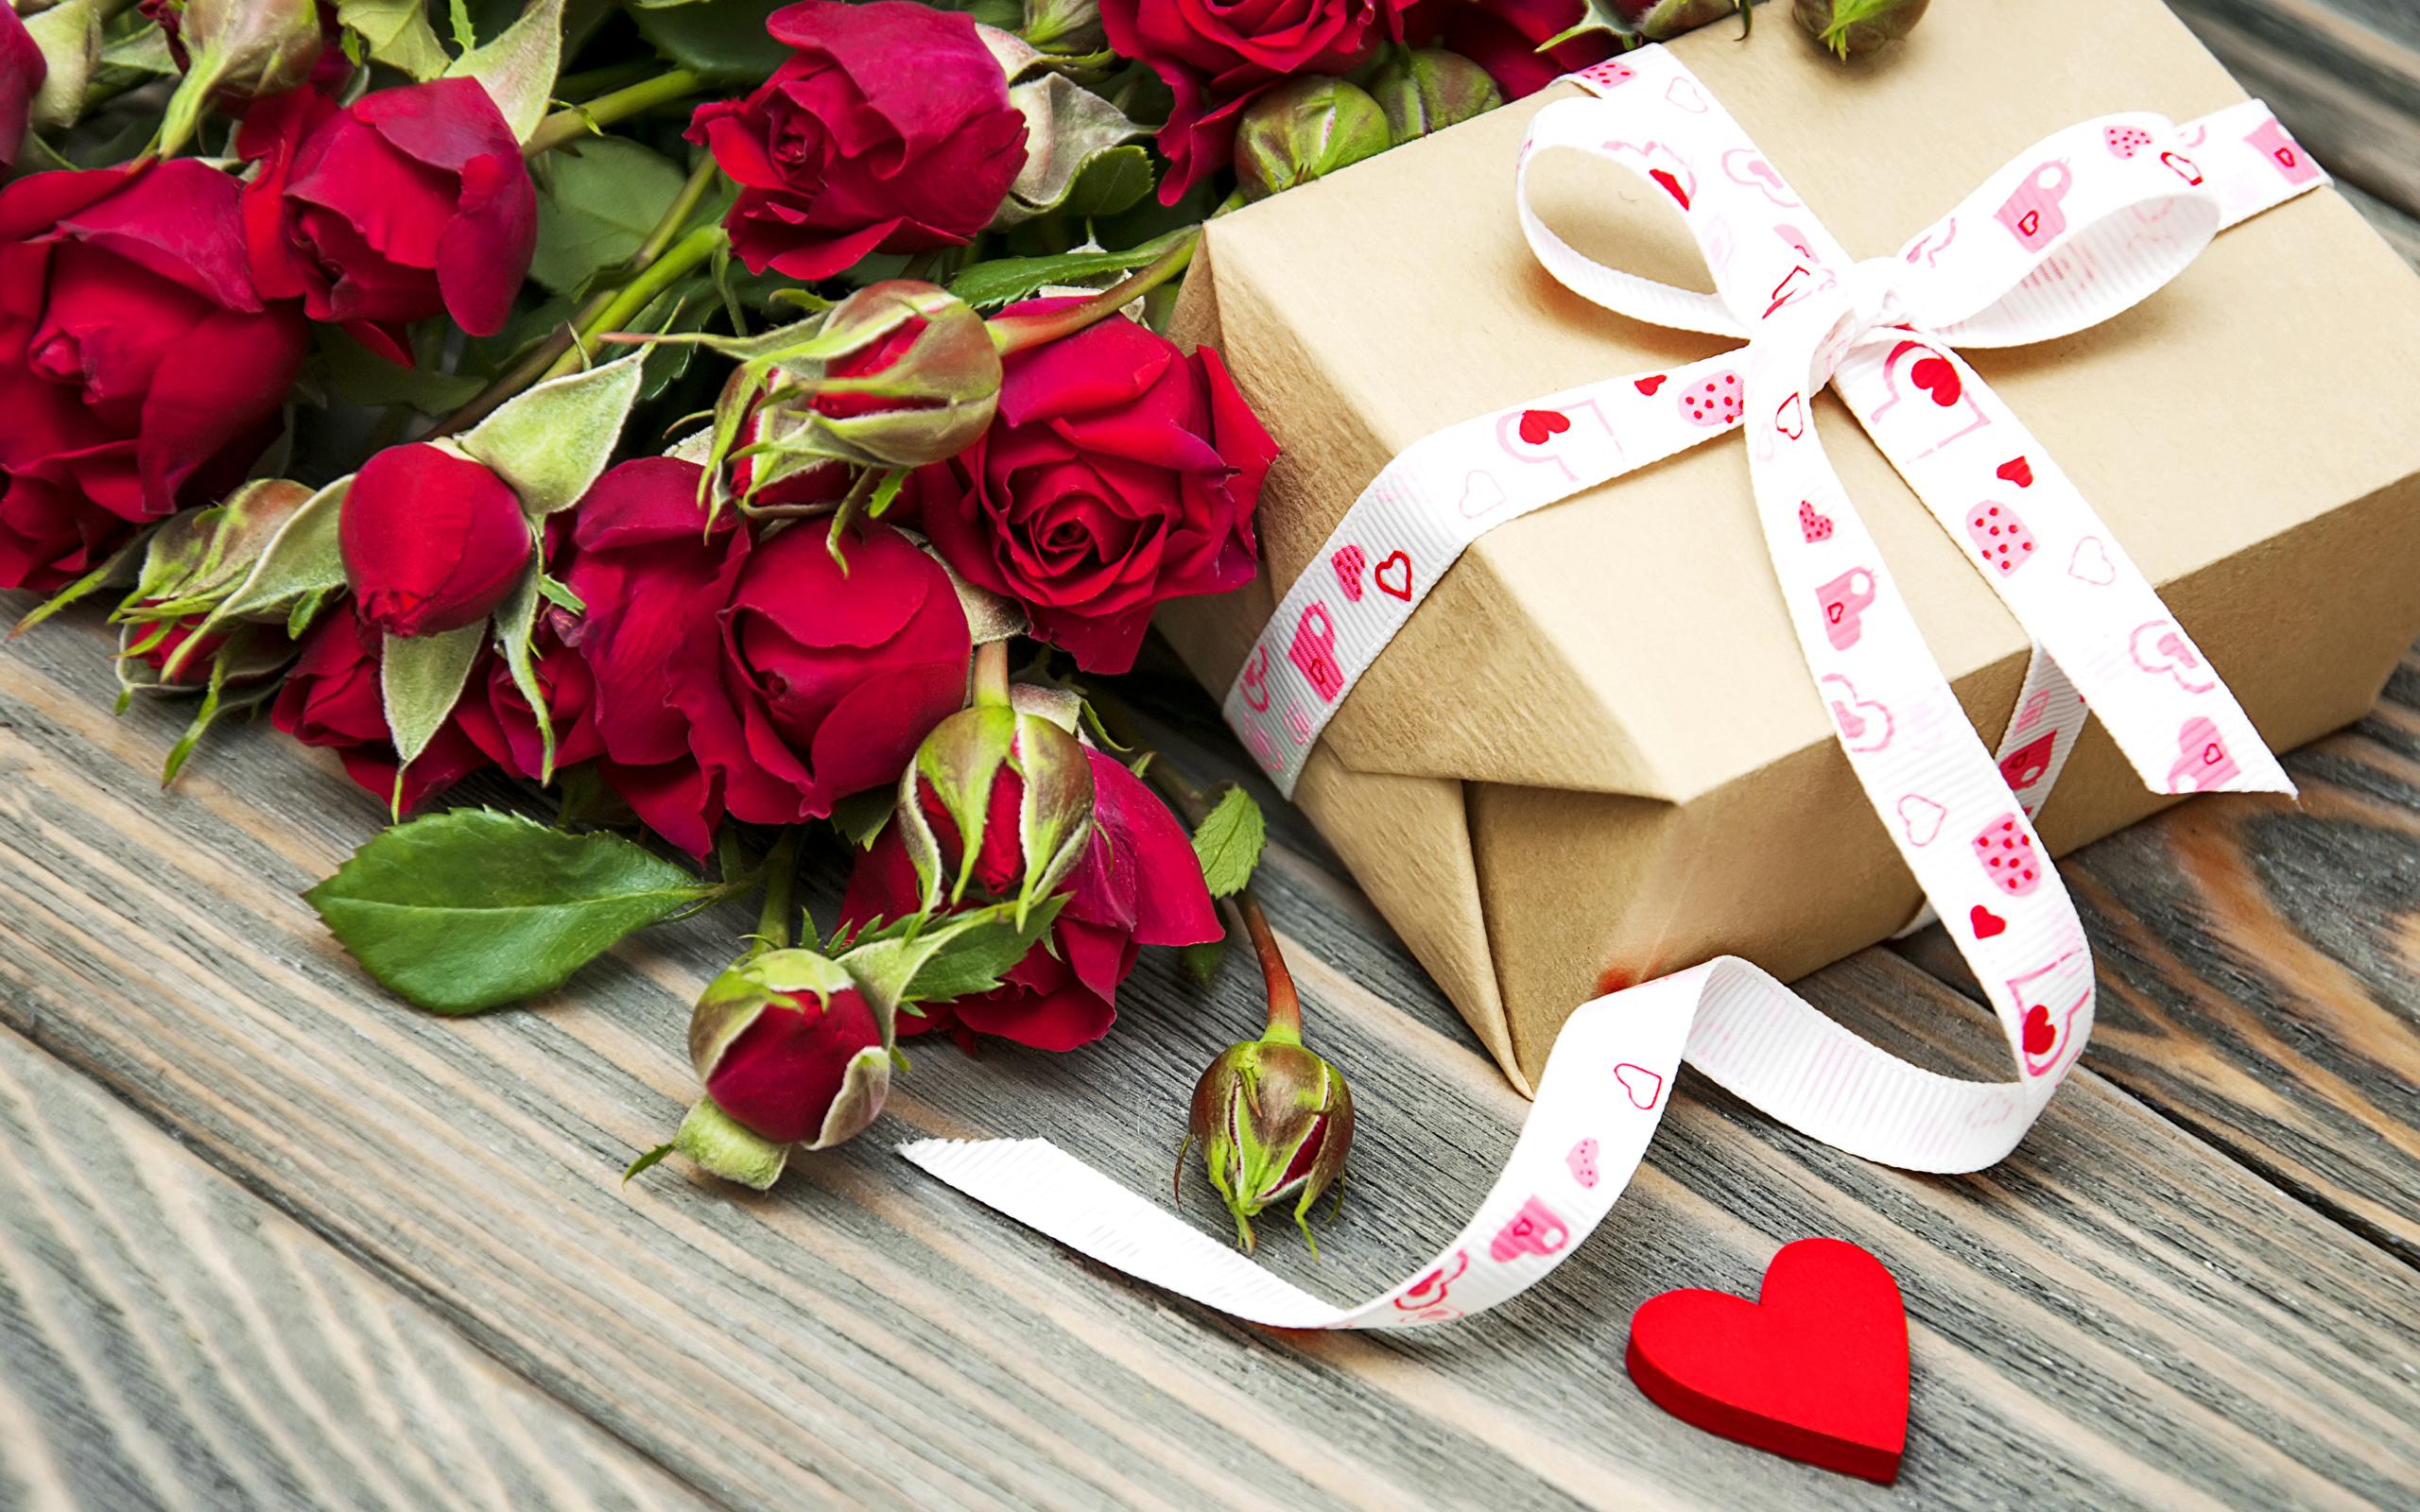 Поздравления и подарки на день рождения девушке